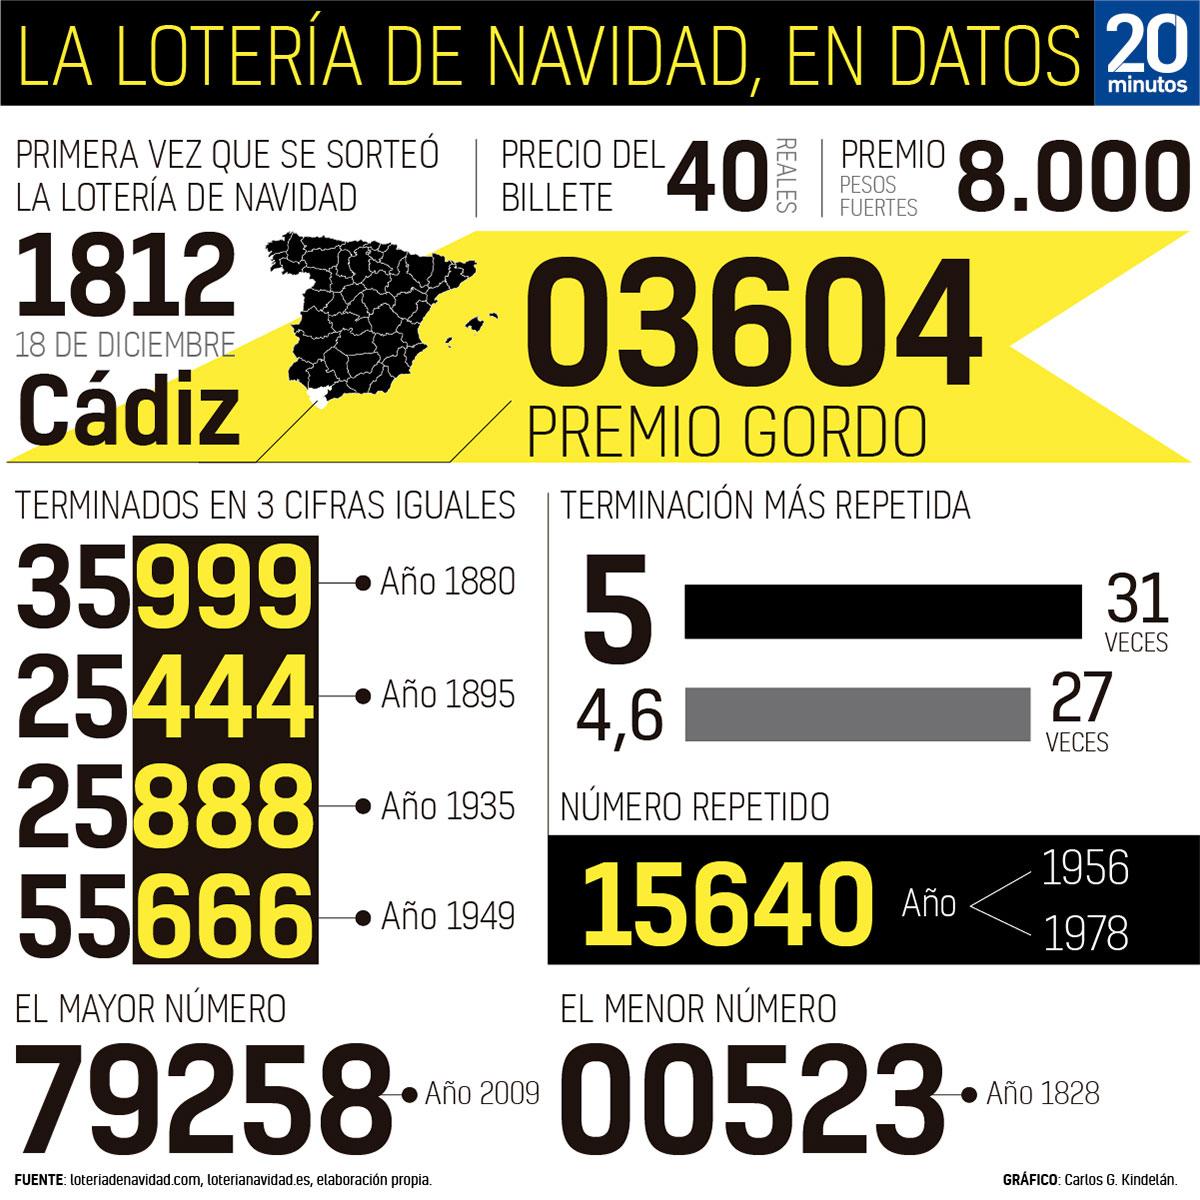 Datos de la Lotería de Navidad.